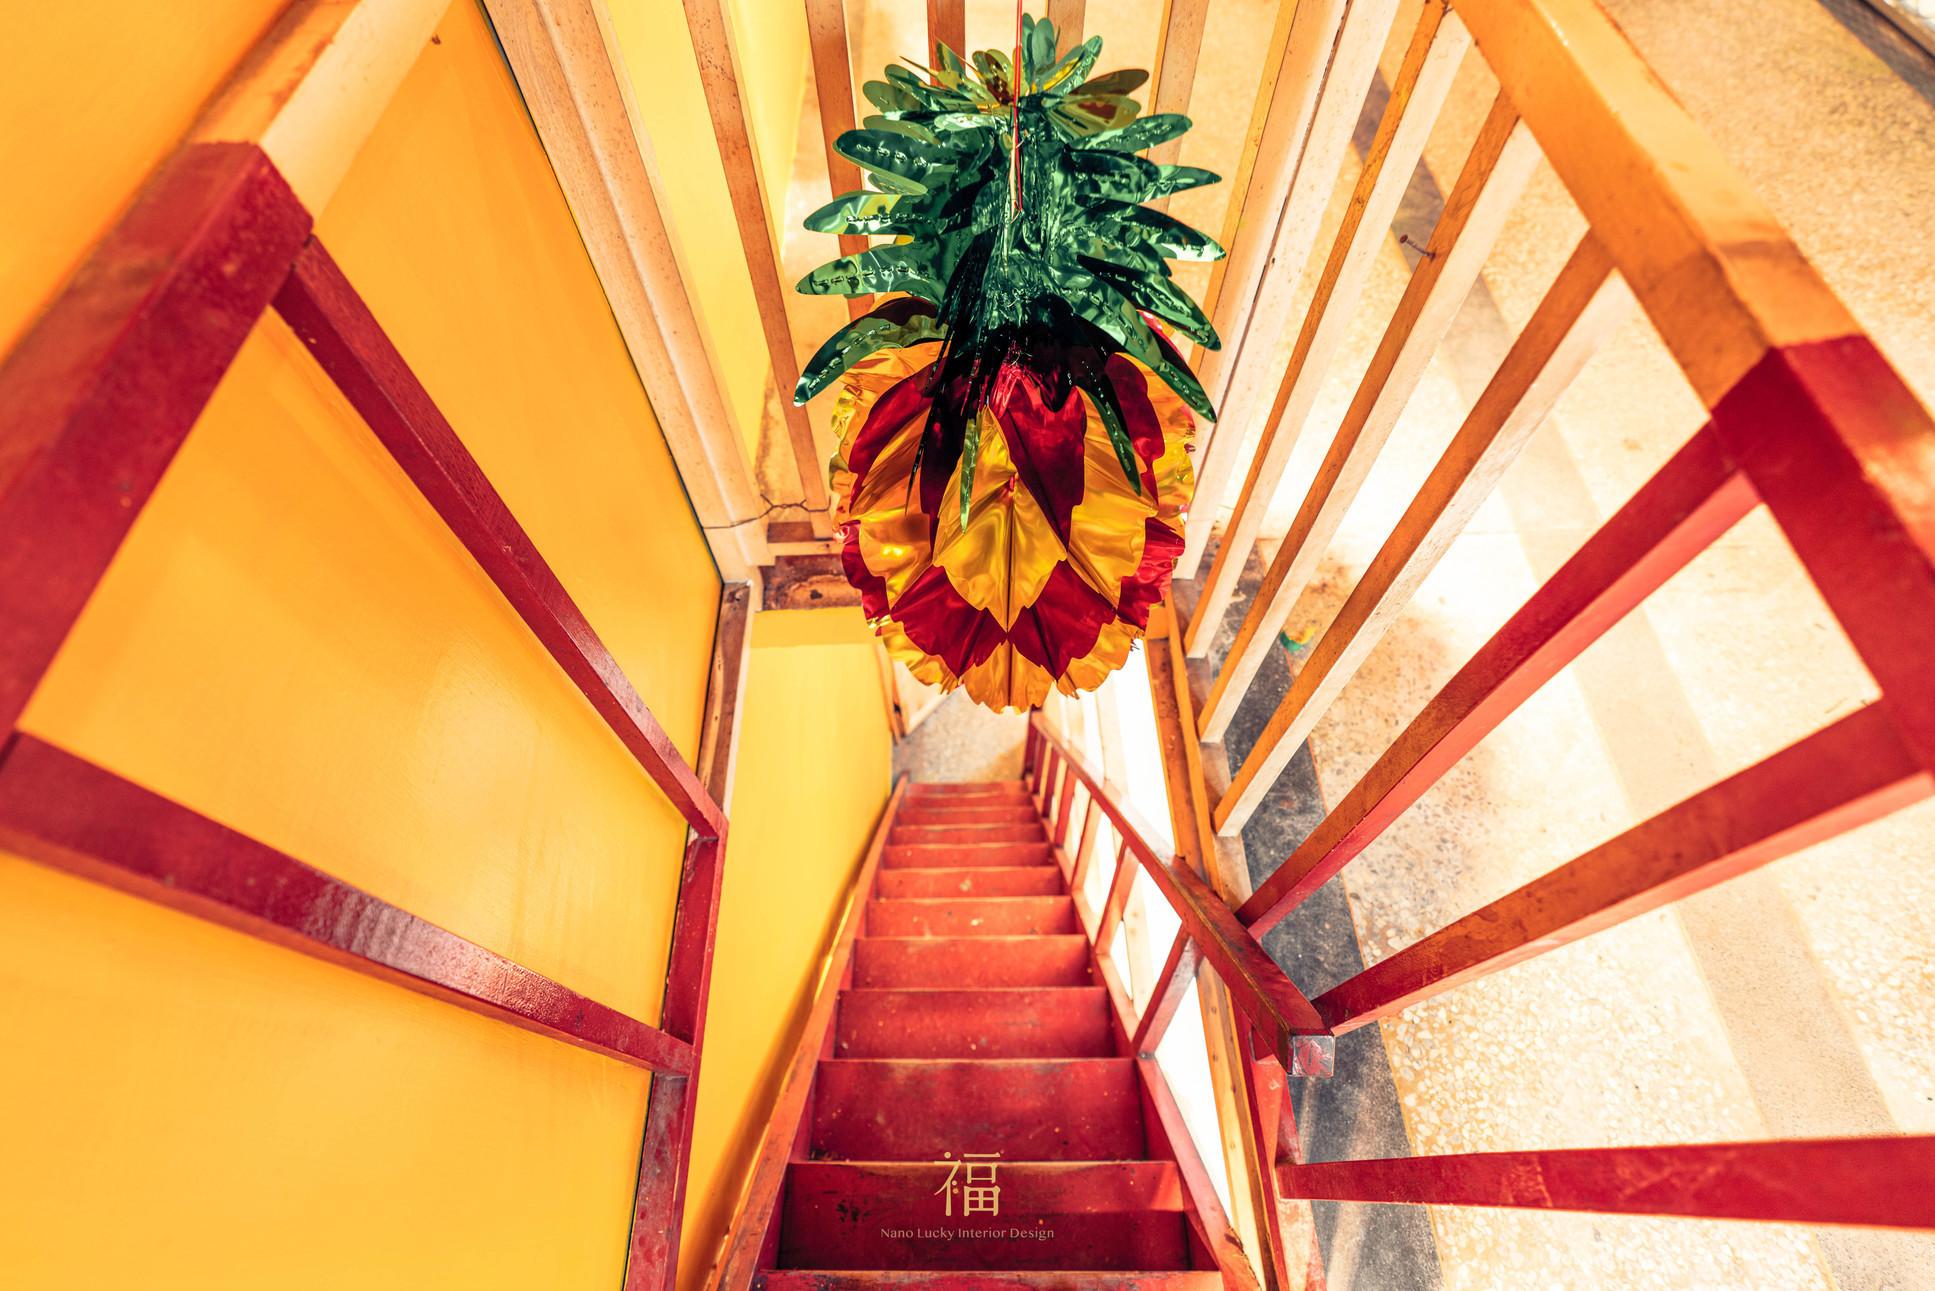 鳳梨會社5點0-結合鳳梨形象的色調設計|小福砌社區空間規劃設計